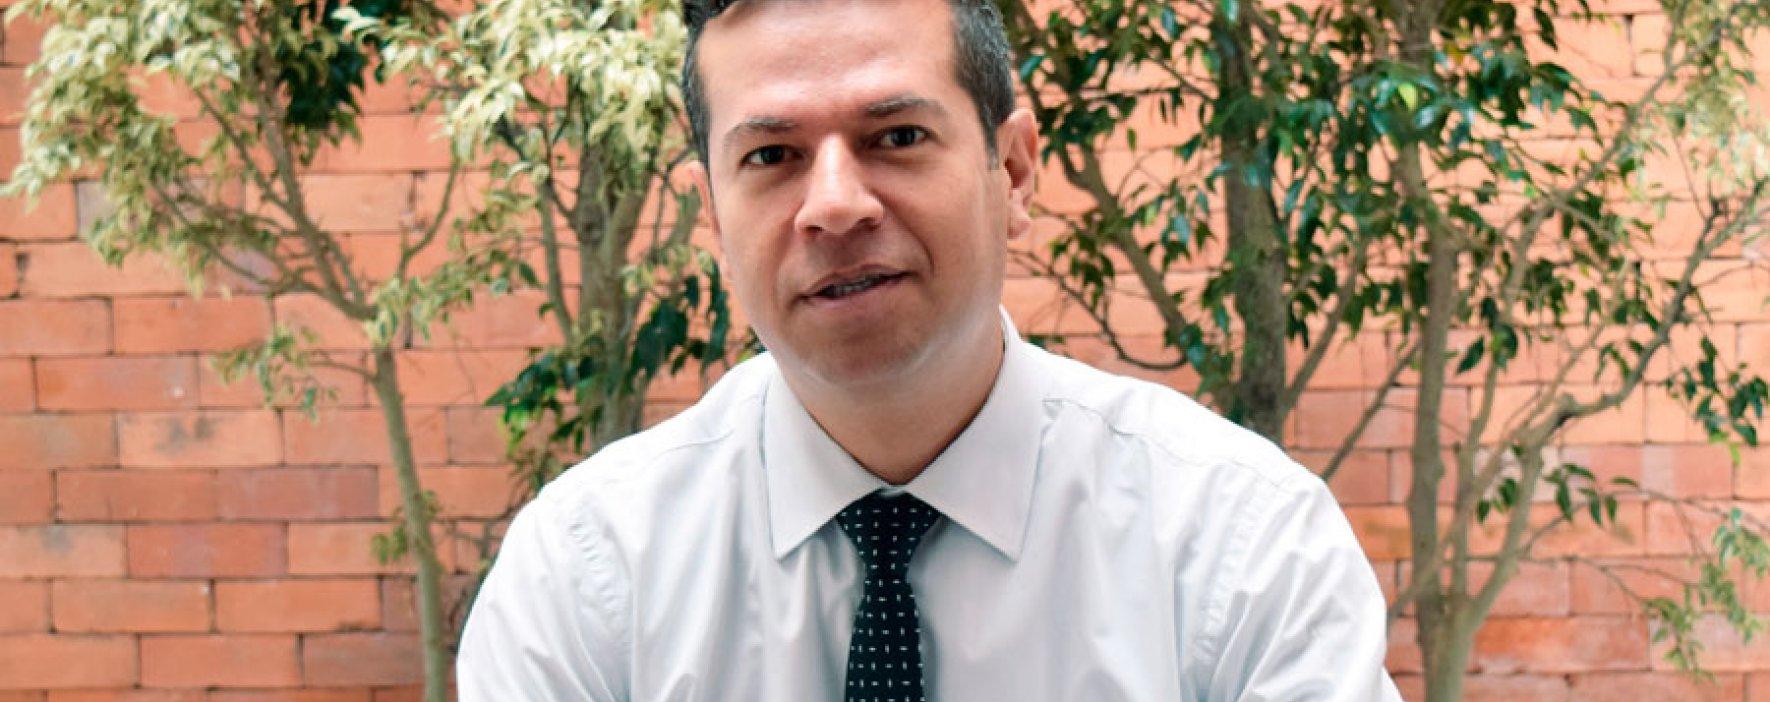 Álvaro Sarmiento: viviendo su ideal de vida